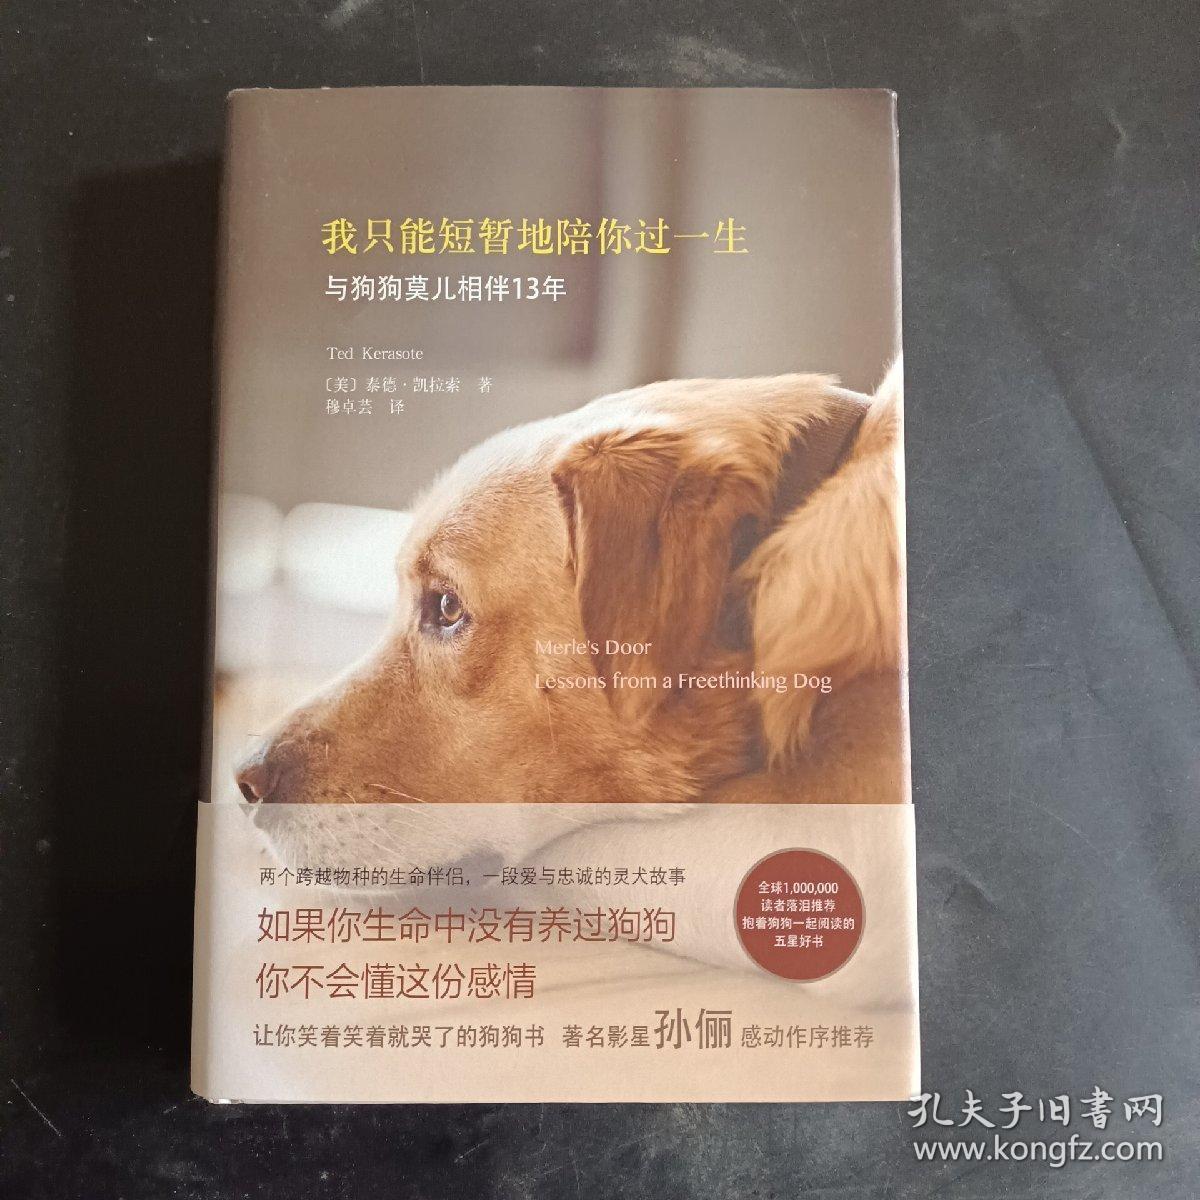 我只能短暂地陪你过一生:著名影星孙俪推荐: 两个跨越物种的生命伴侣 一段爱与忠诚的灵犬故事